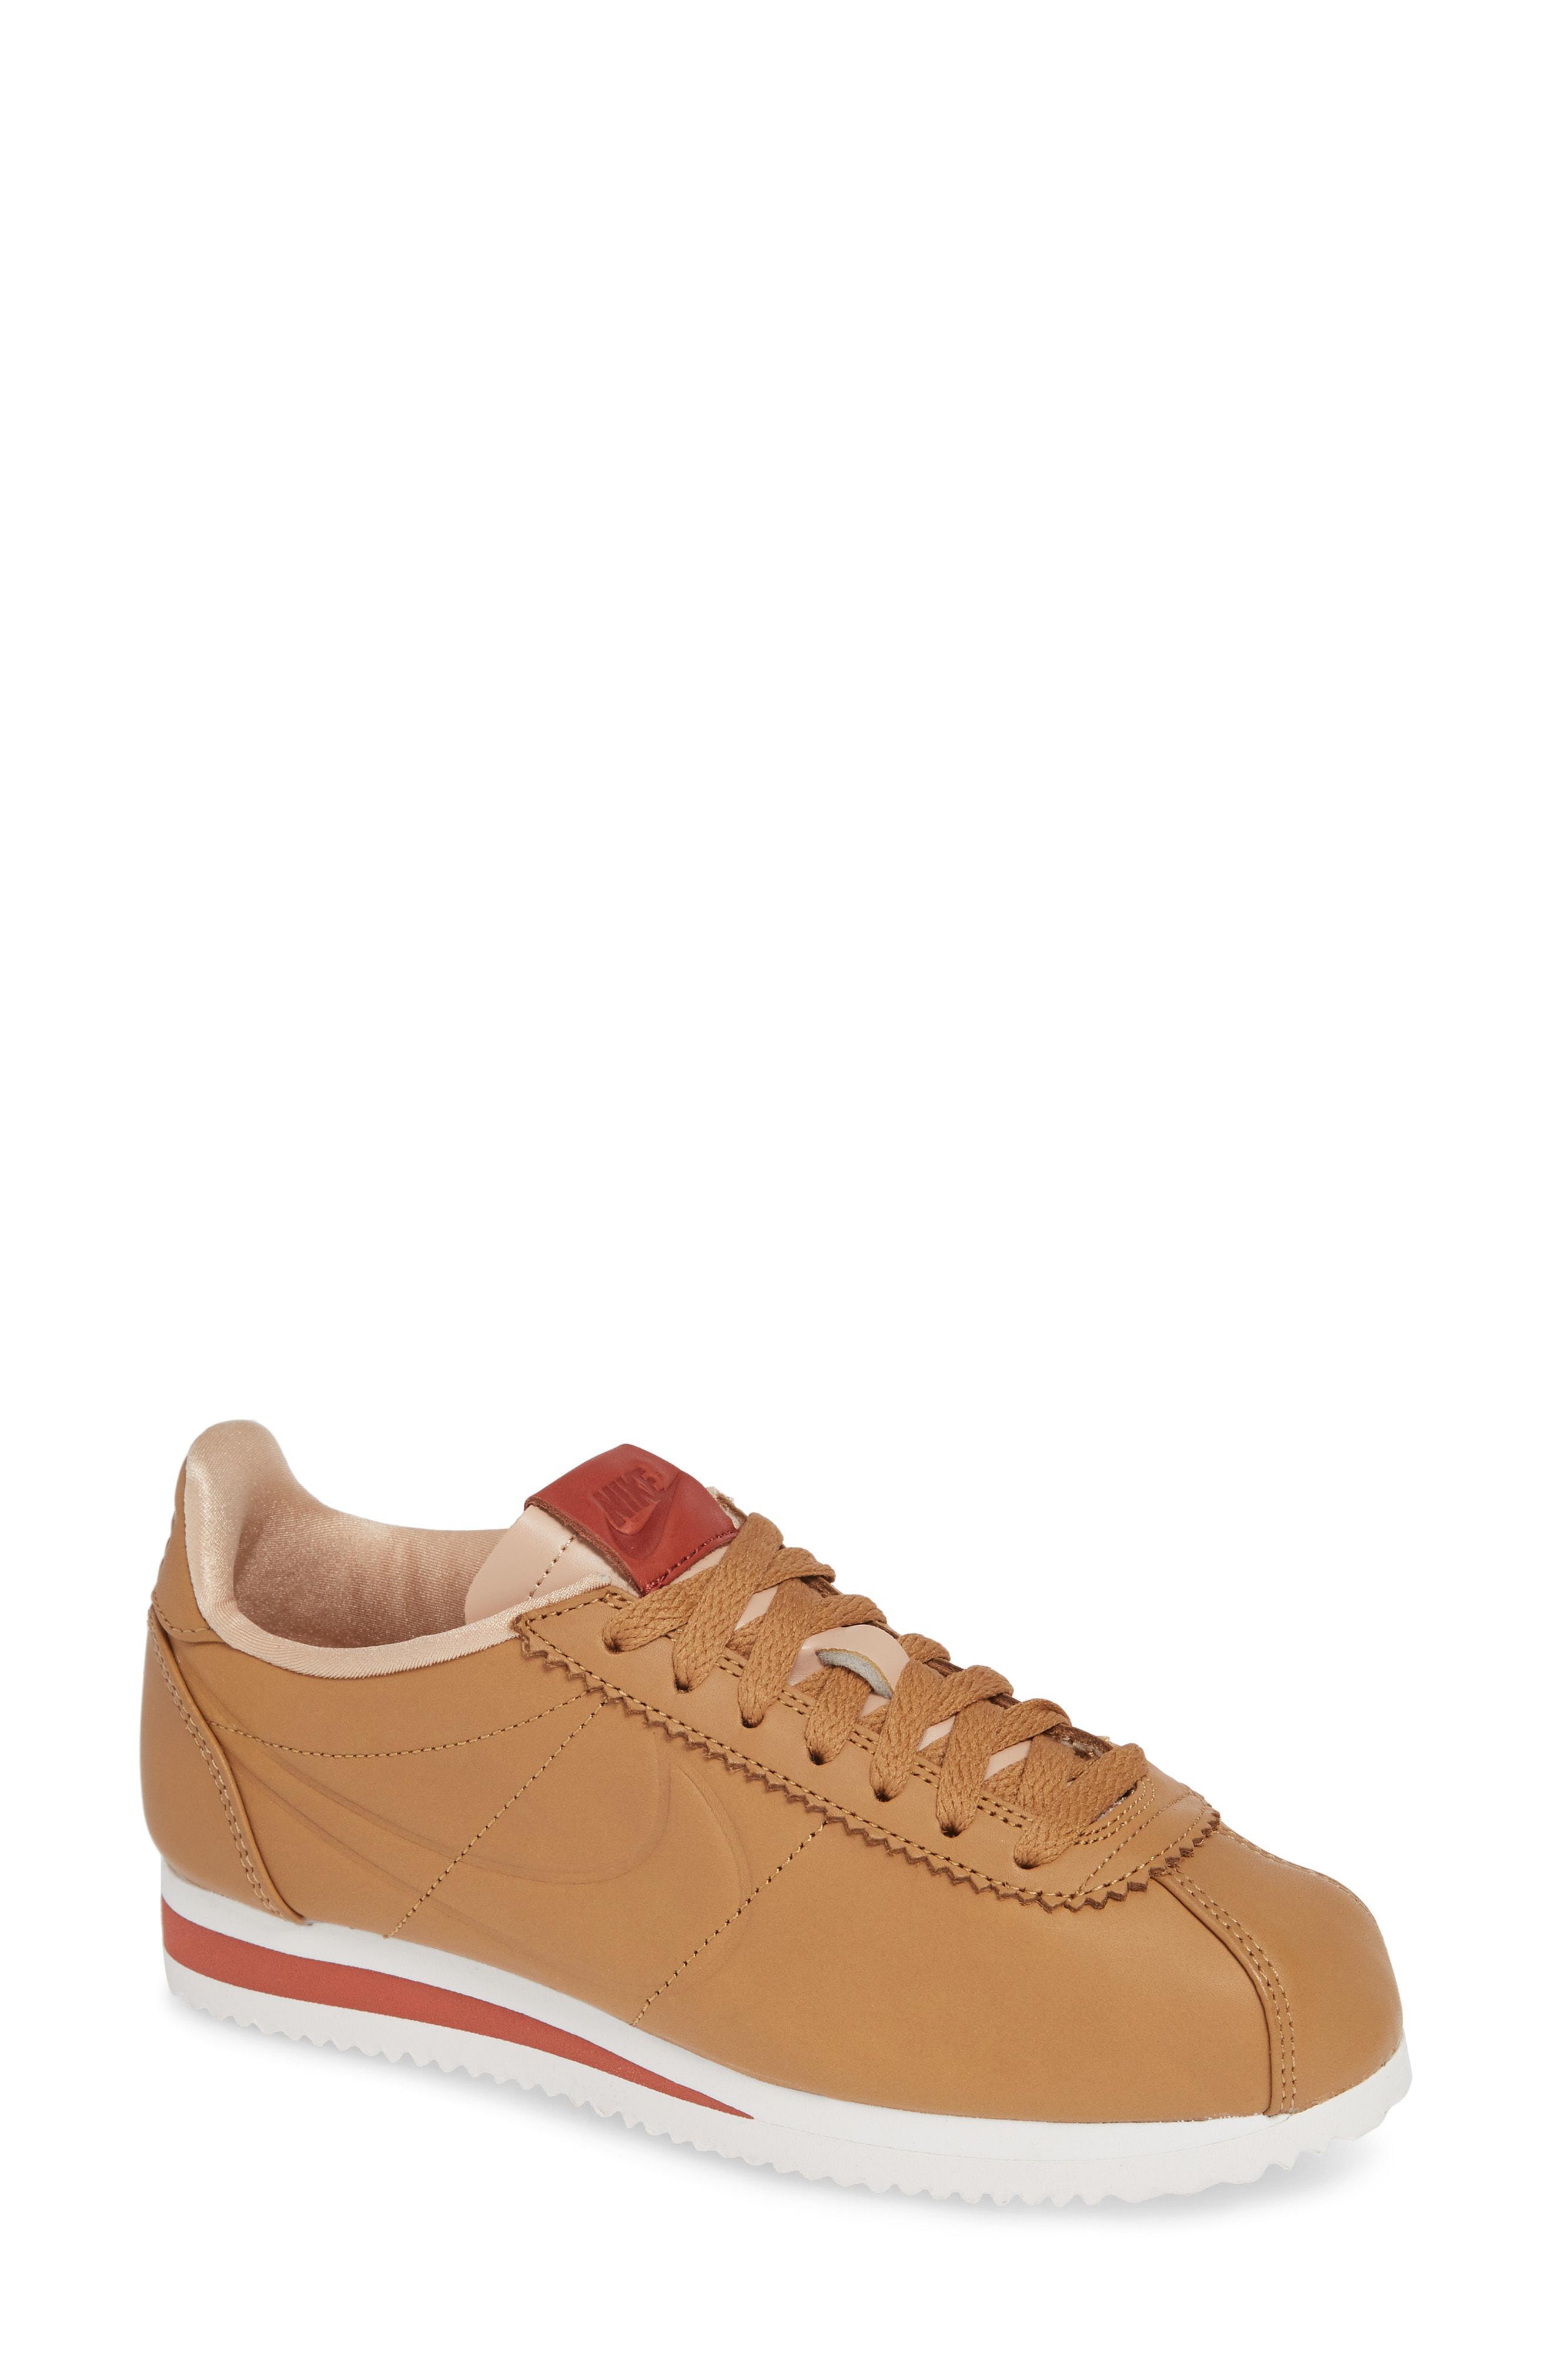 online store a3056 18507 Nike La Cortez X Maria Sharapova Premium Sneaker in Brown - Lyst